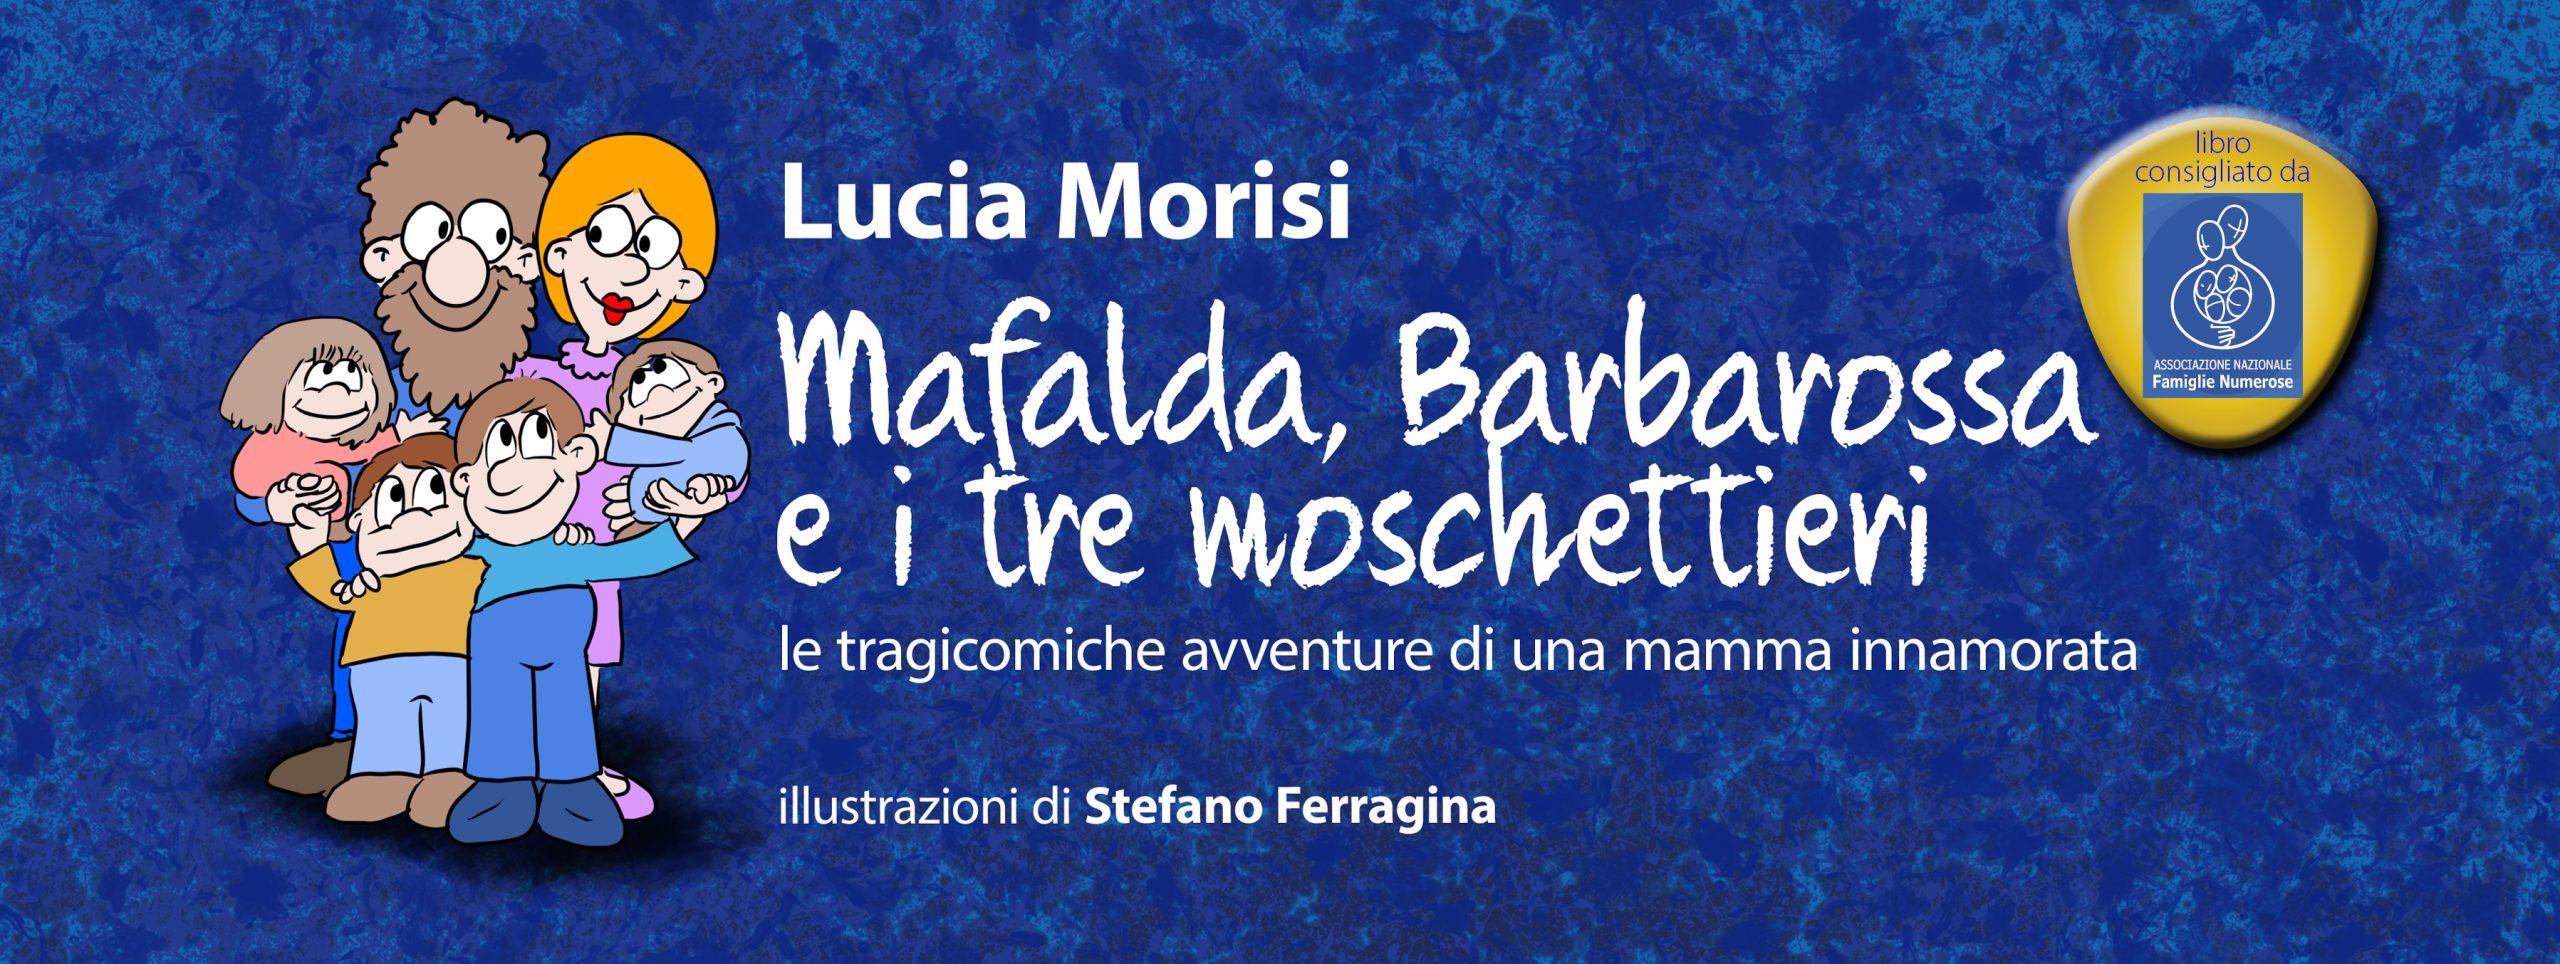 libro_Lucia_Morisi